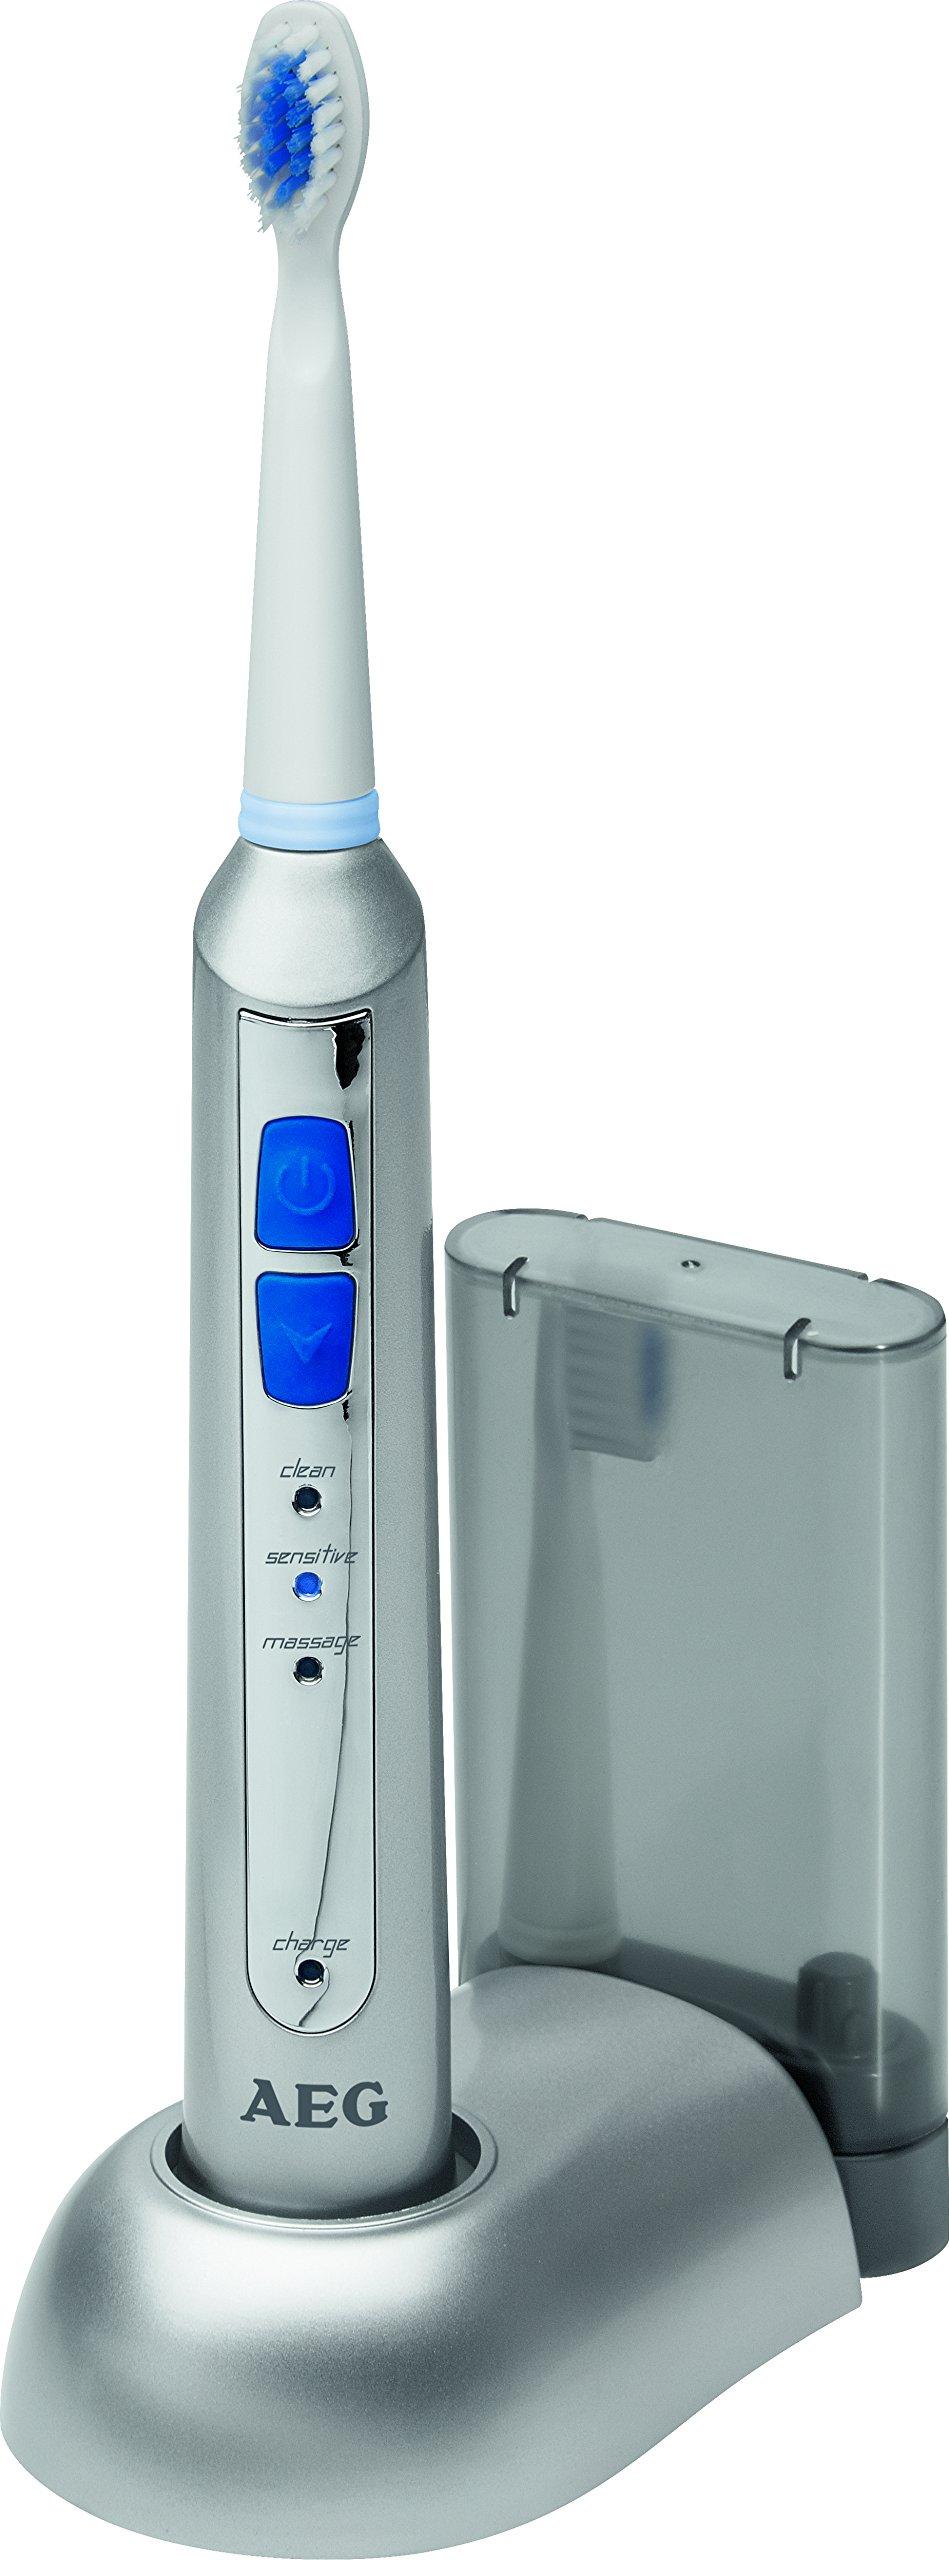 AEG EZS 5664 - Cepillo de dientes con tecnología sónica y temporizador, 5 niveles de